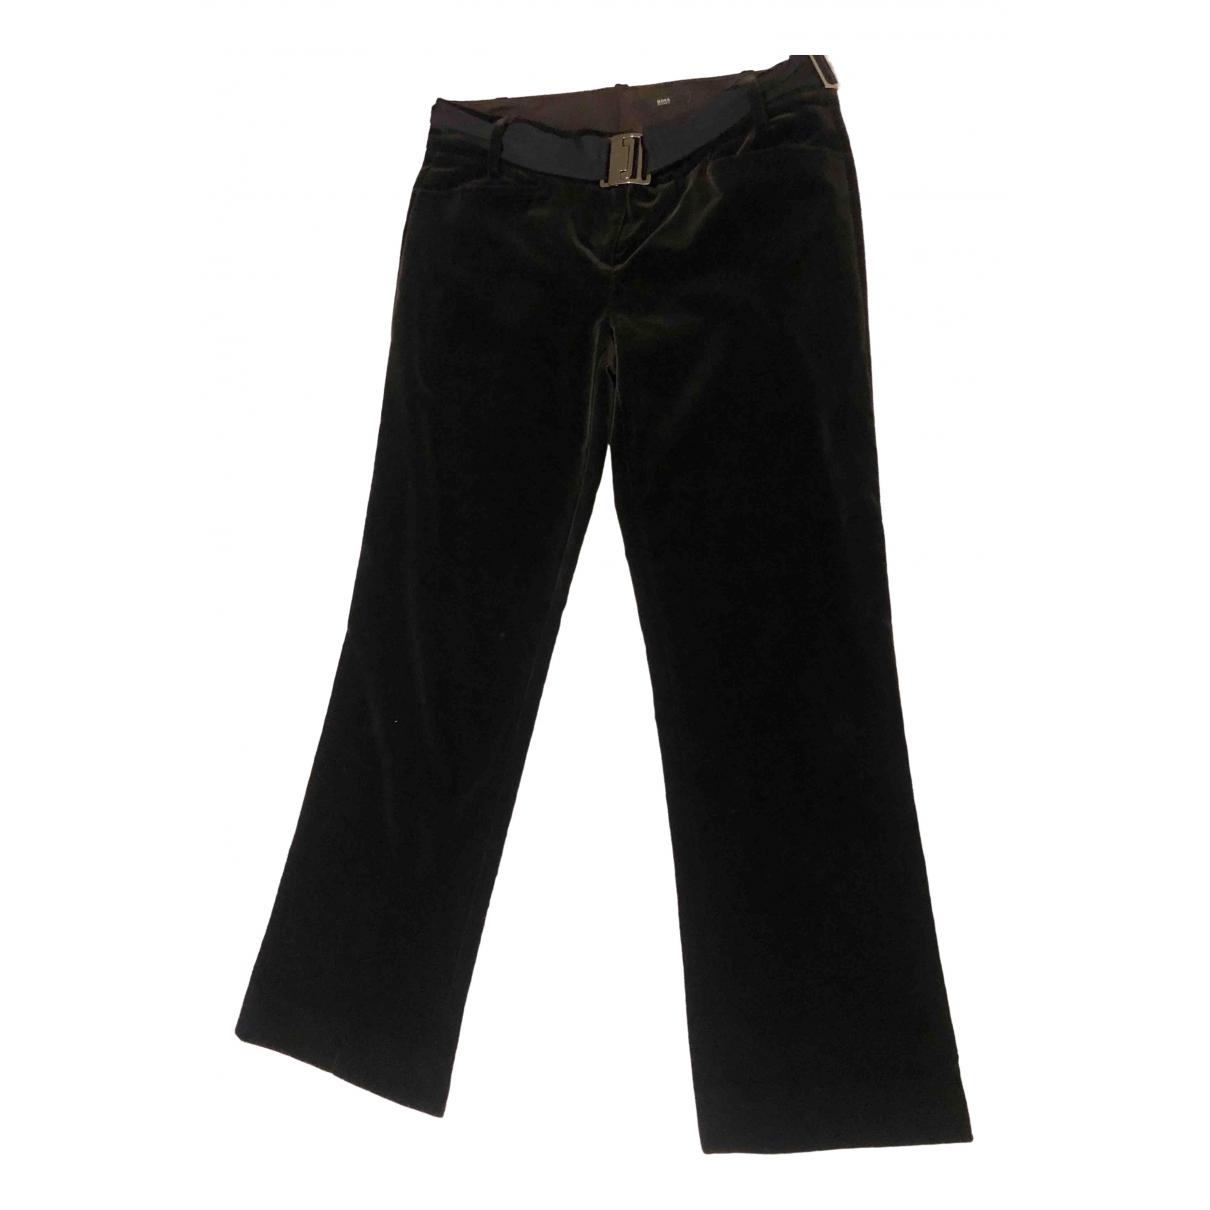 Pantalon recto de Terciopelo Hugo Boss